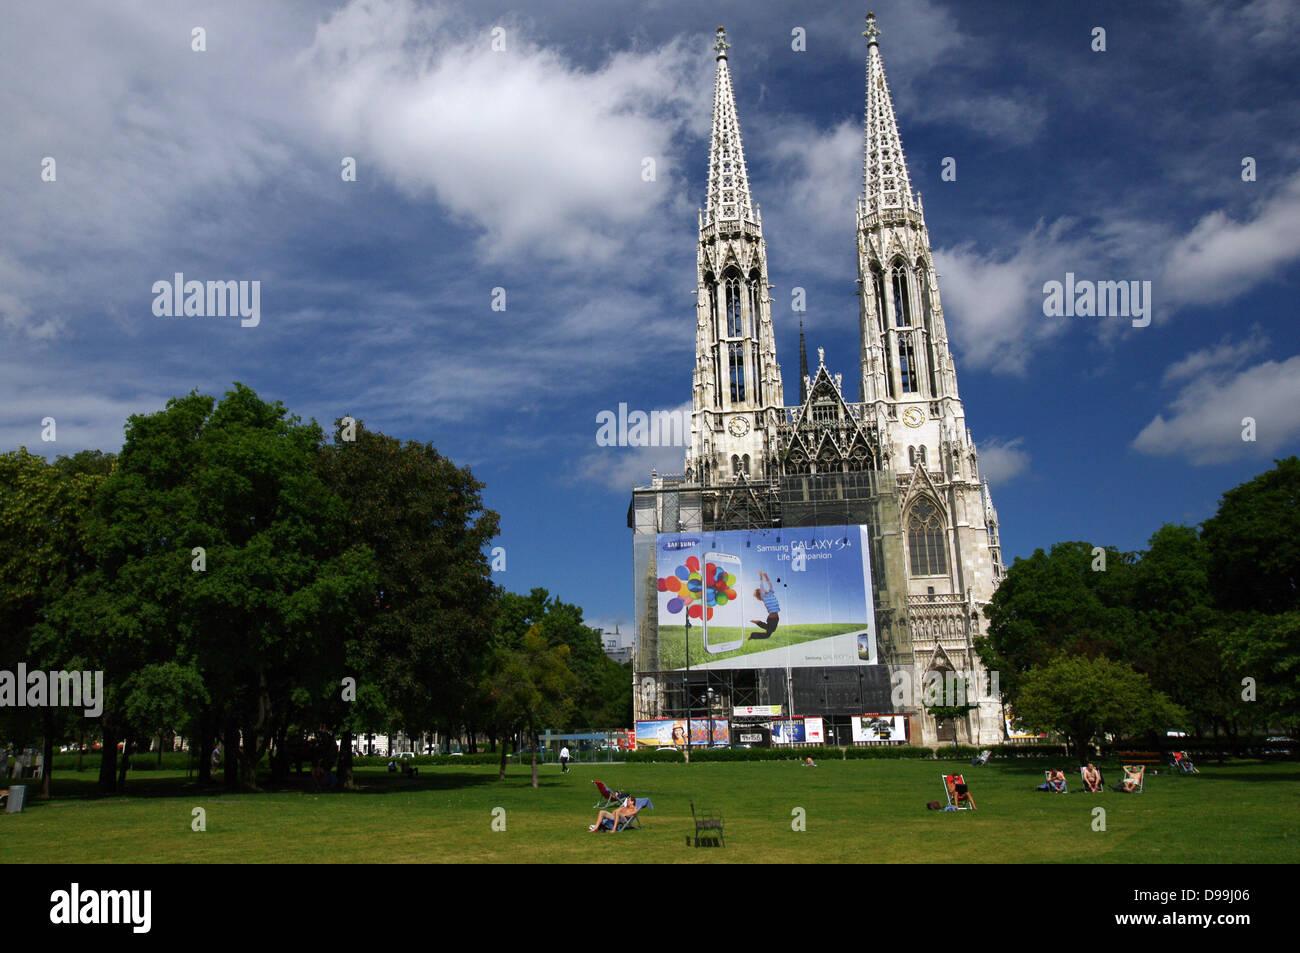 Sigmund Freud Park & Votive Church - Vienna, Austria - Stock Image